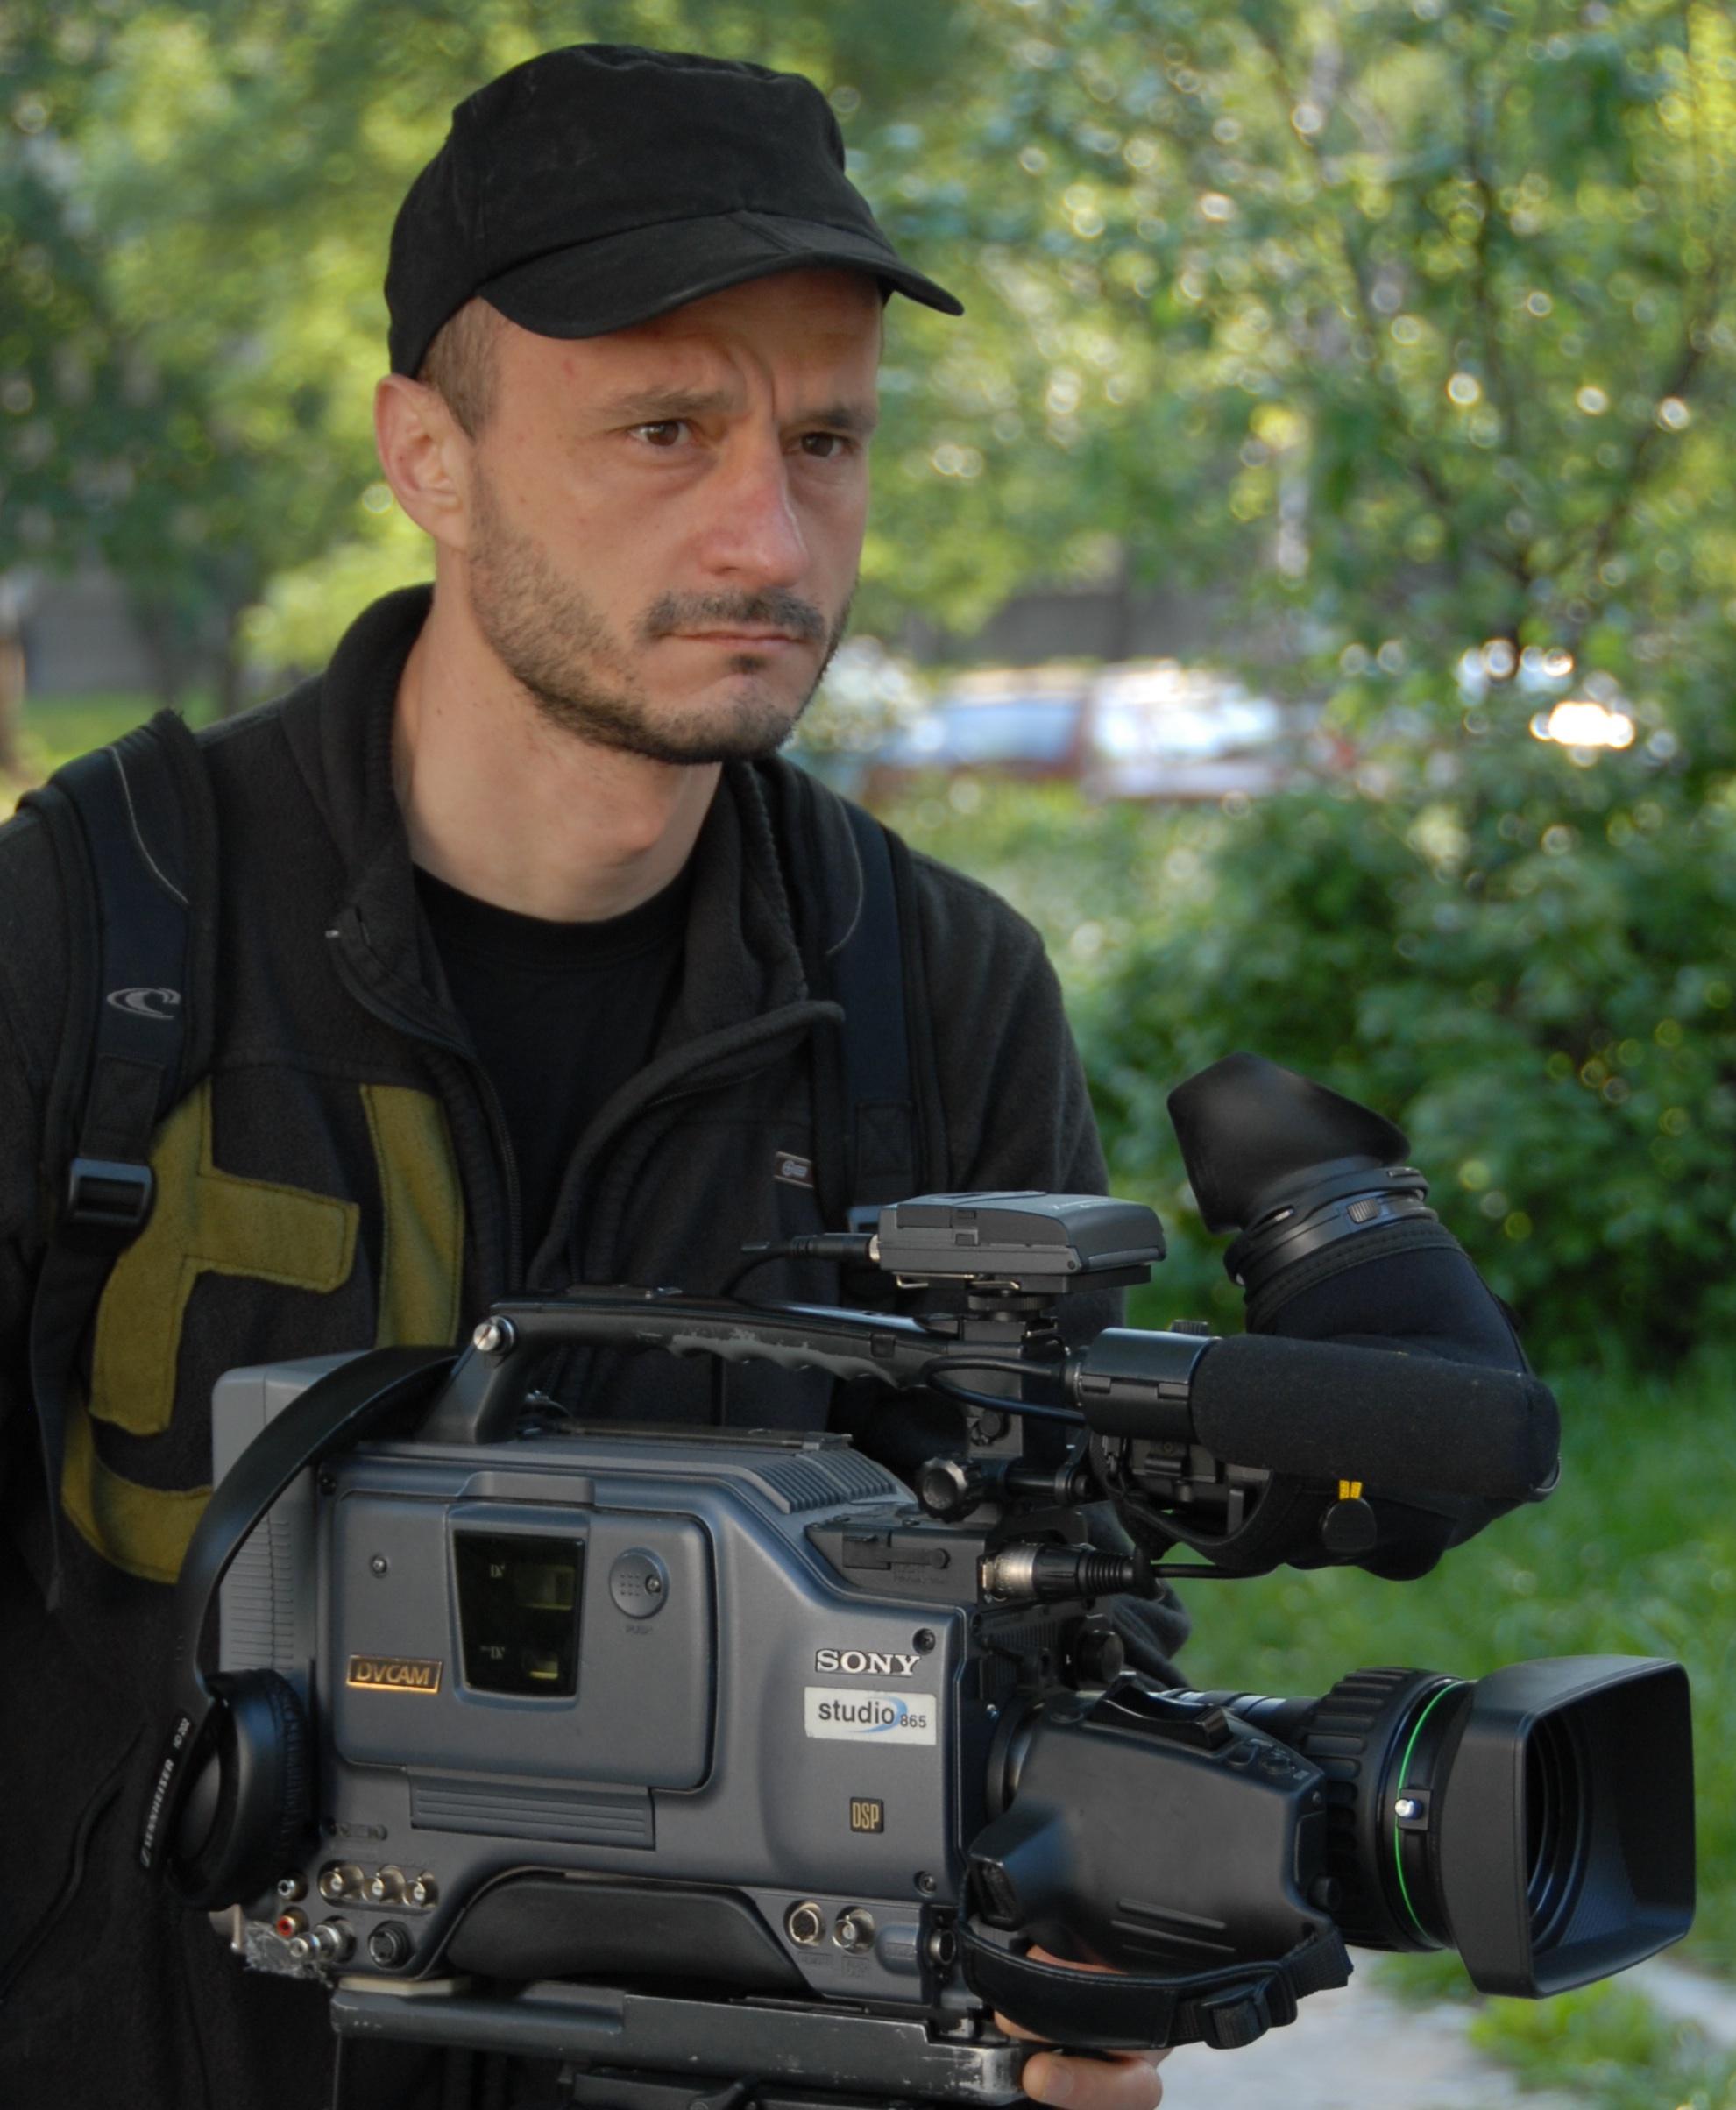 ANTON RADOSLAVOV